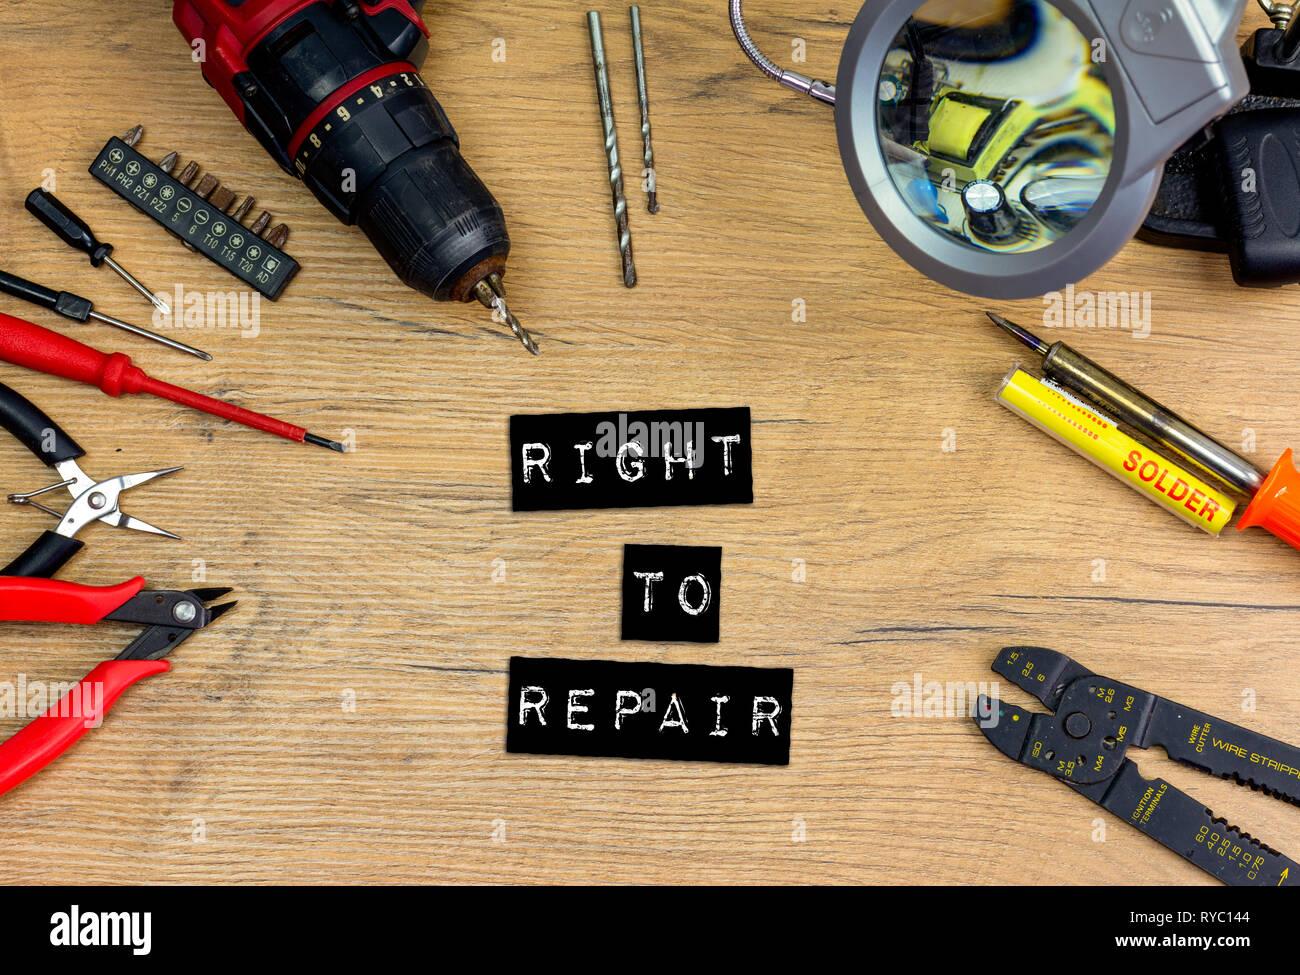 Flach Konzept Recht auf Reparatur Text, Werkzeuge Reparatur- Elektronik unter Vergrößerung mit verschiedenen Tools. Weniger Verschwendung, nachhaltig zu leben. Stockbild